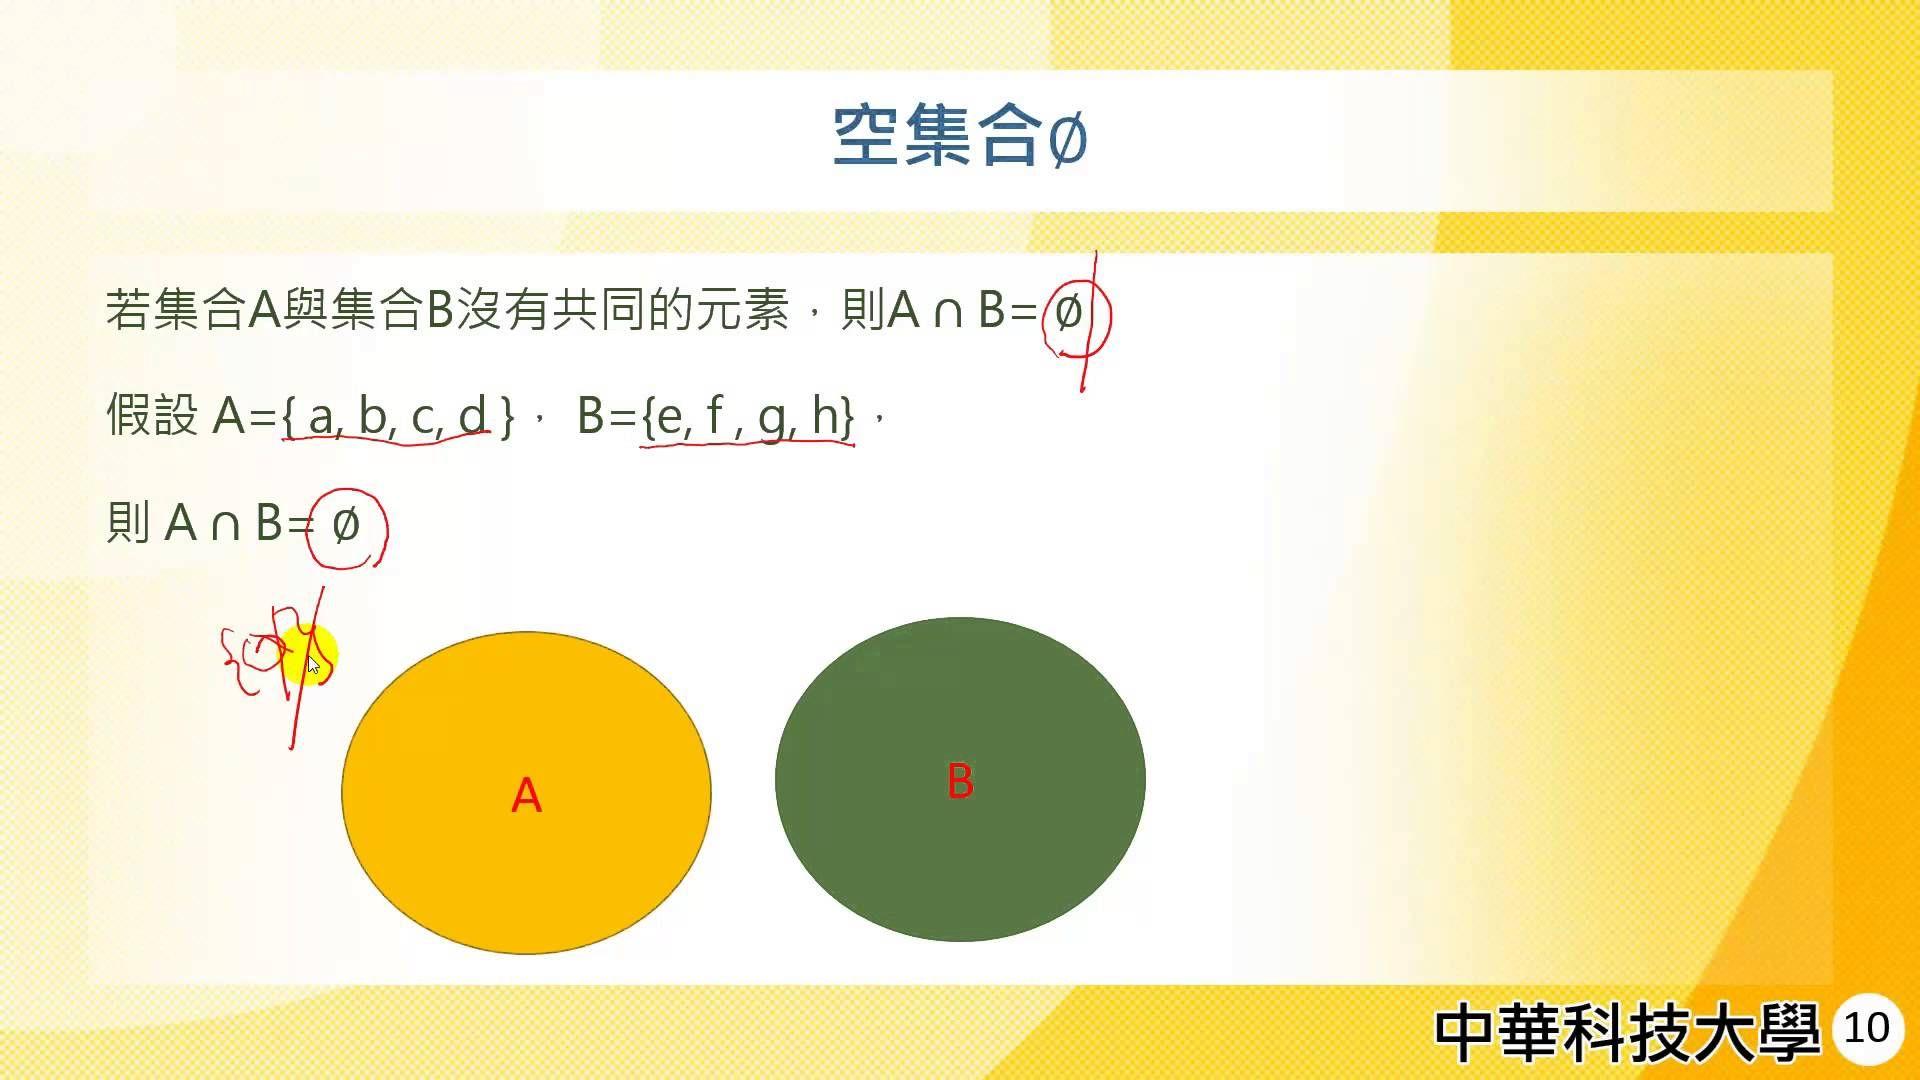 01基礎數學-集合之符號與關係